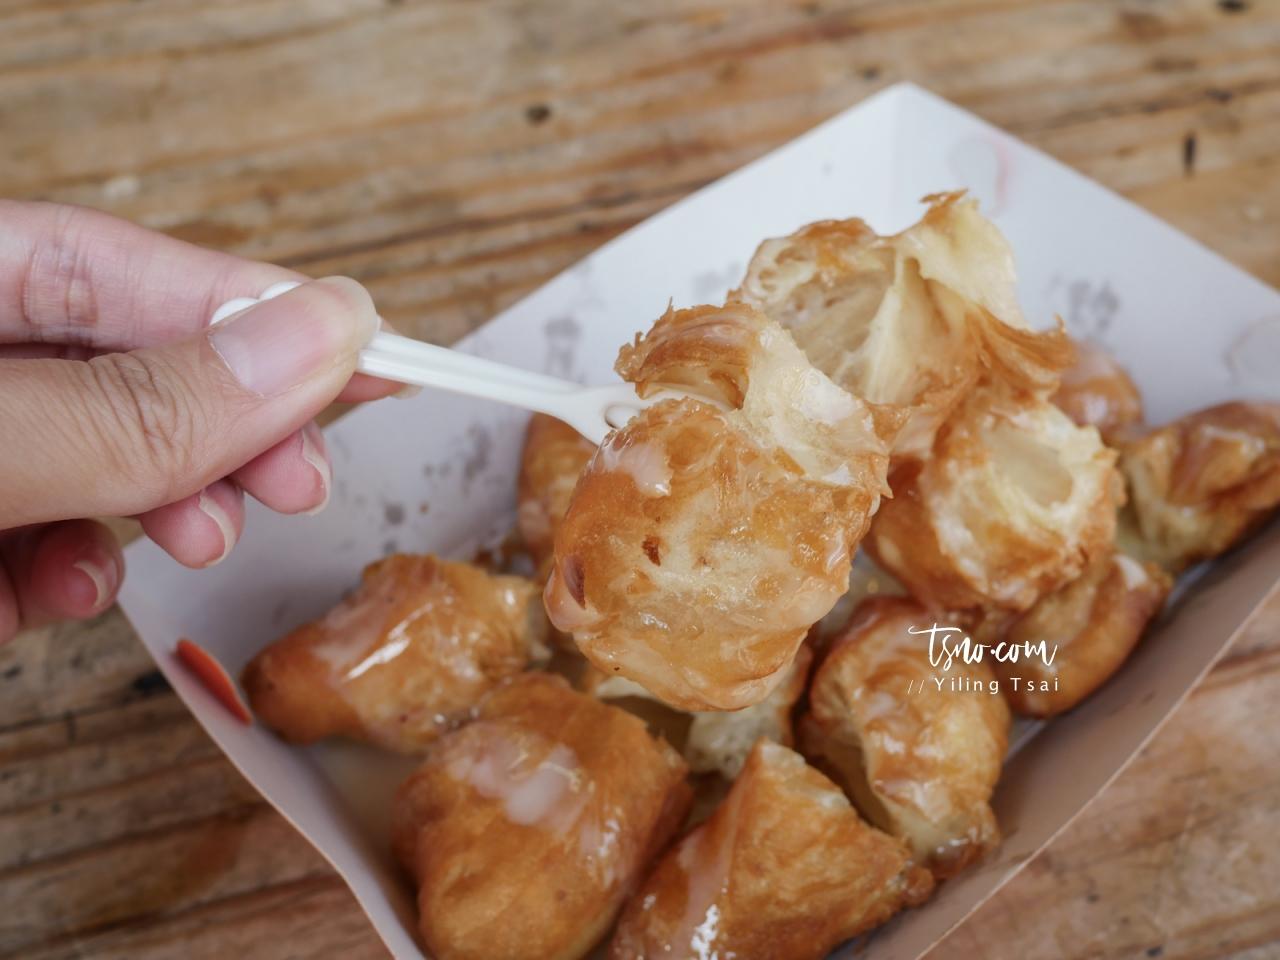 泰國曼谷美食推薦 Patonggo Cafe 老城區油條咖啡廳老店